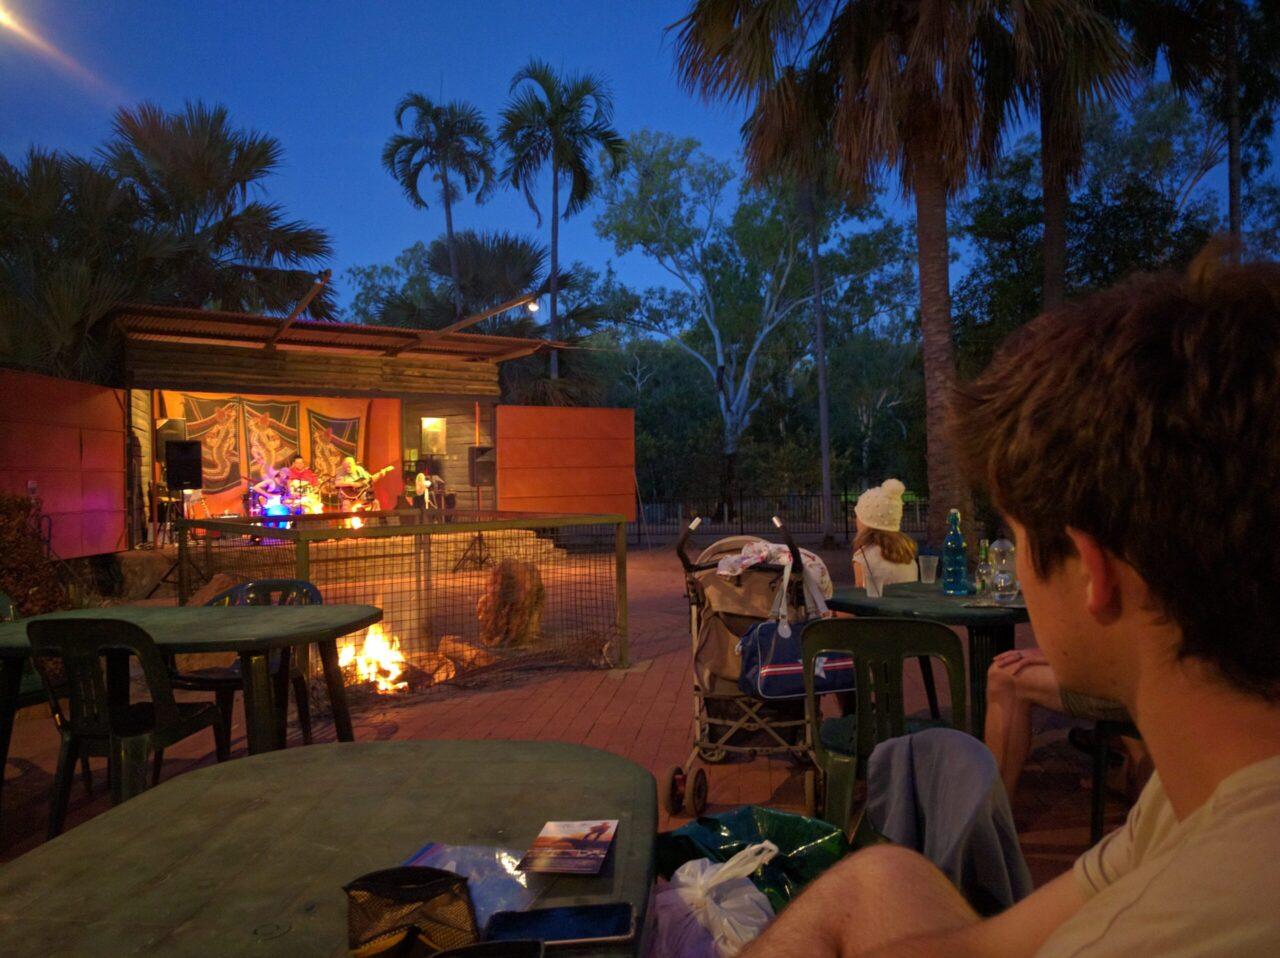 Mataranka Thermal Pools night band